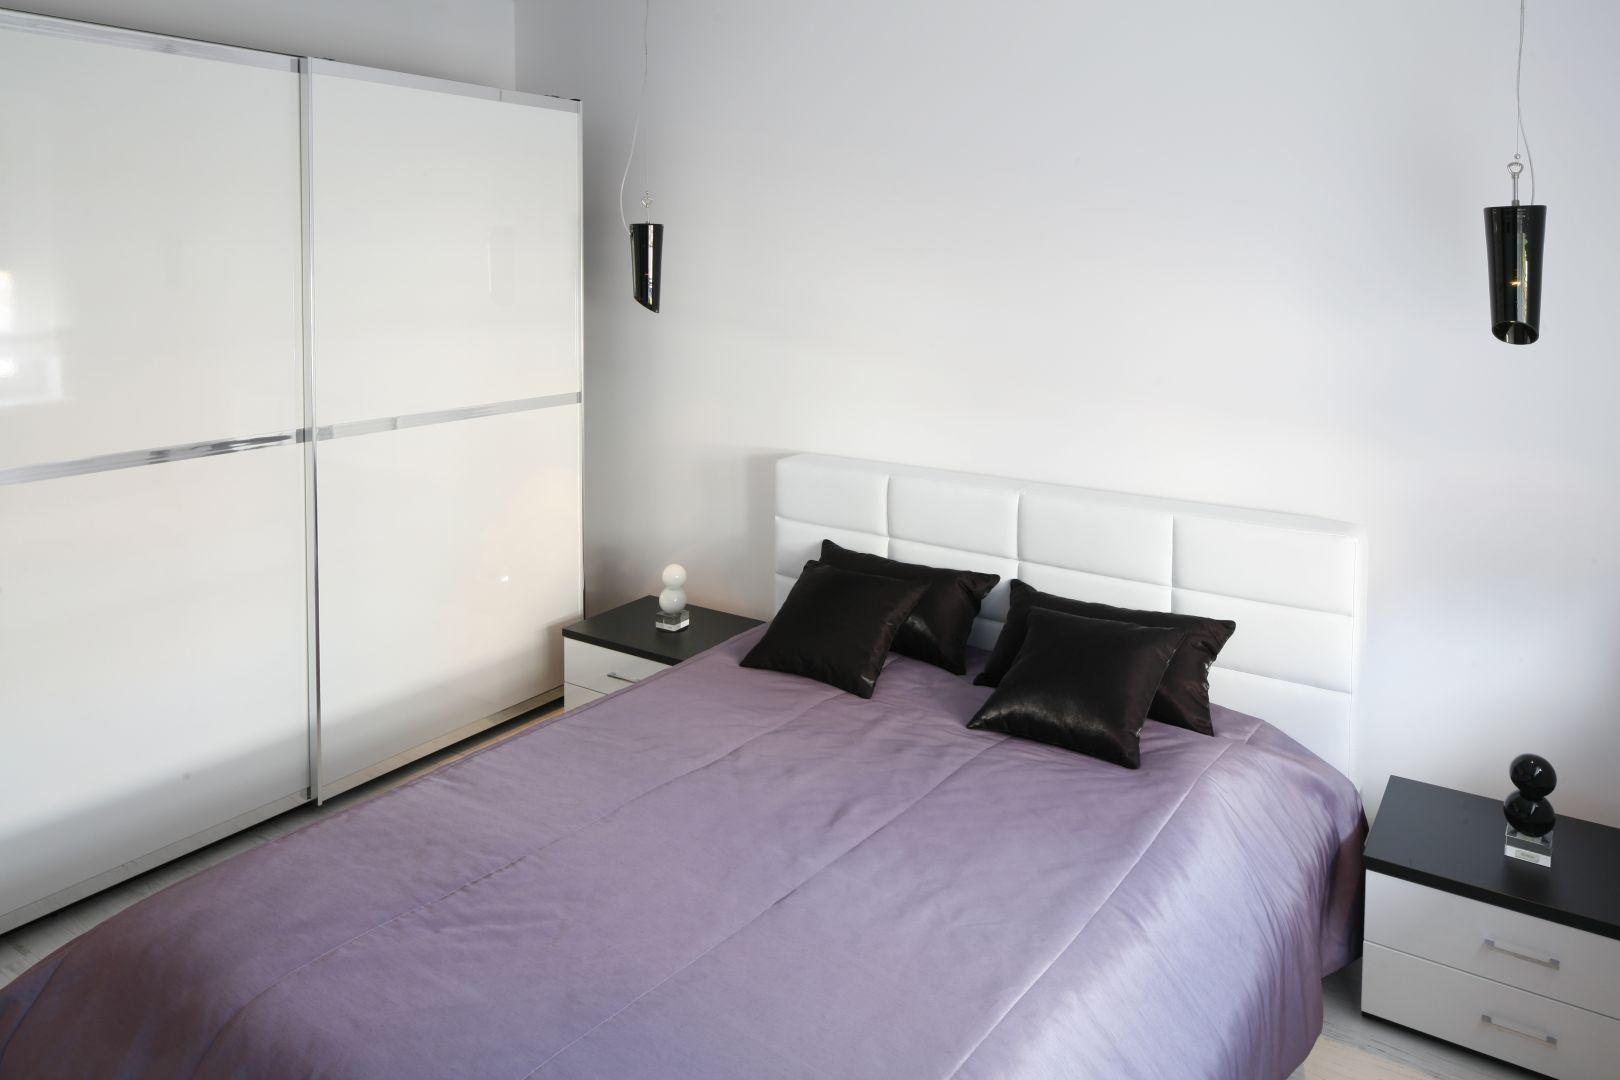 Biała sypialnia z funkcjonalną garderobą. Fronty szafy wykończonej w połyskującej bieli nie przytłaczają wnętrza i sprawiają, że nabiera przestrzeni. Projekt: Joanna Ochota. Fot. Bartosz Jarosz